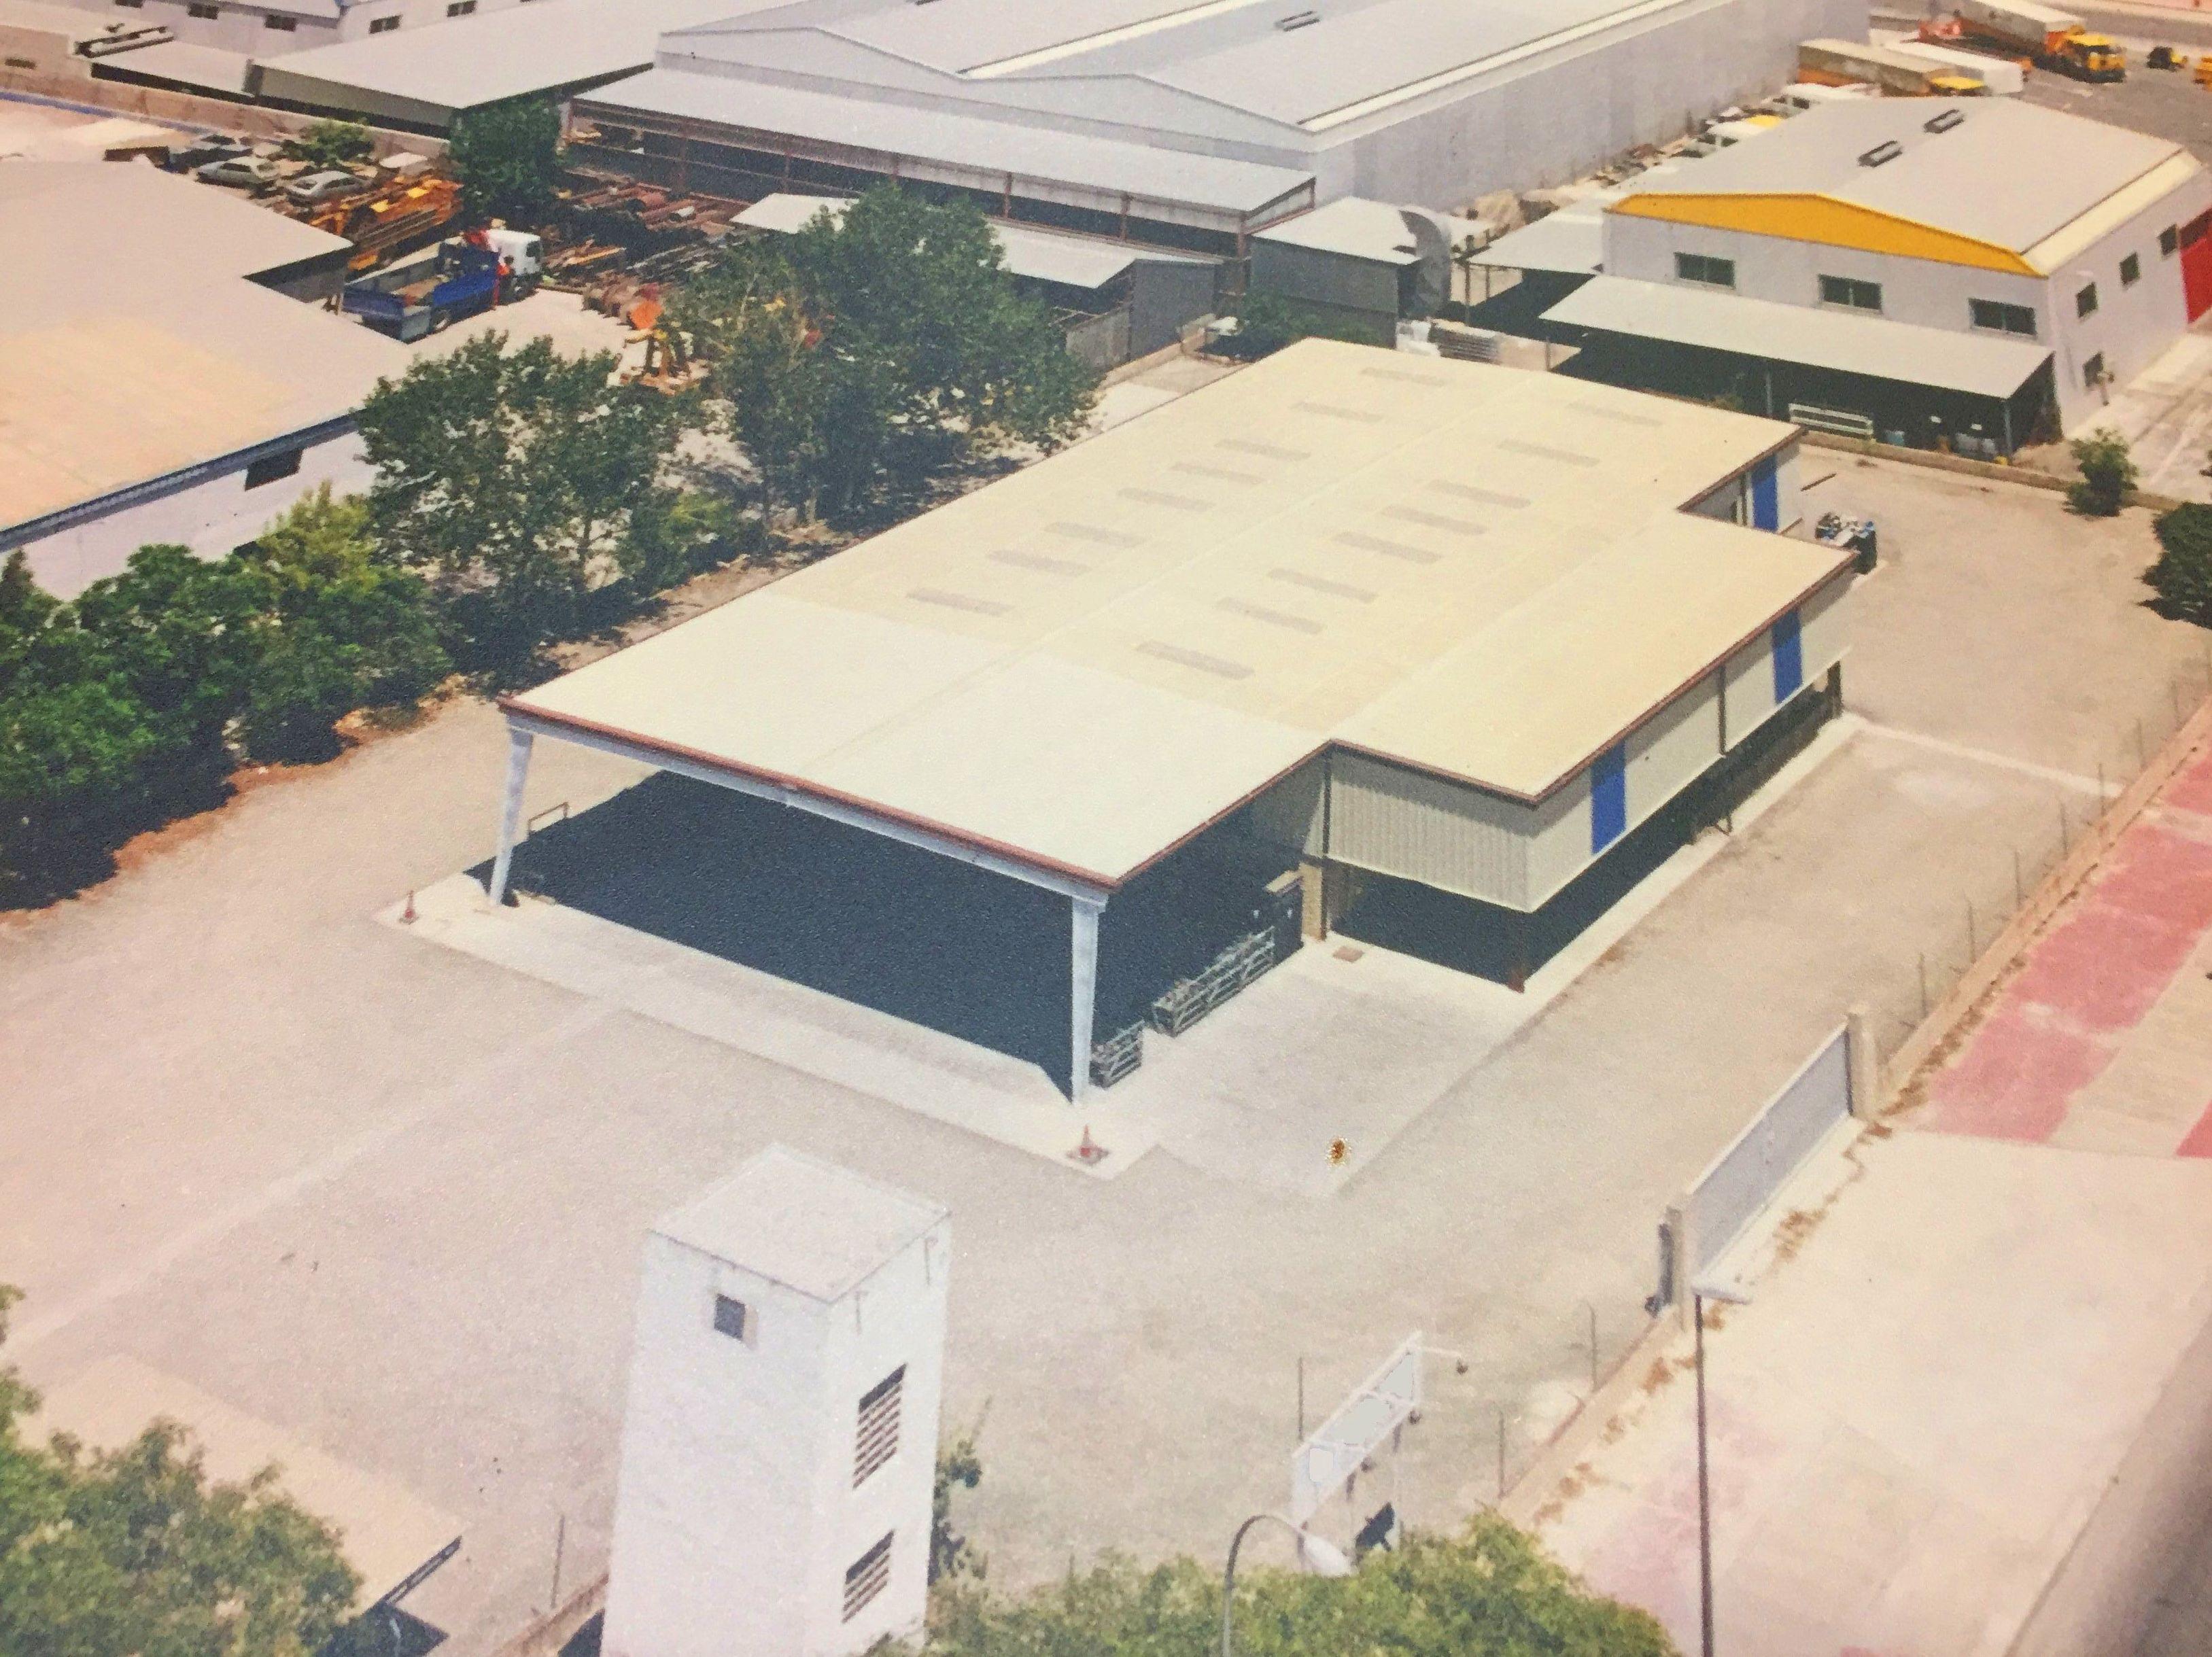 Foto 6 de Venta y distribución de gases industriales y alimentarios en San Ginés | Disgasin, S.L.